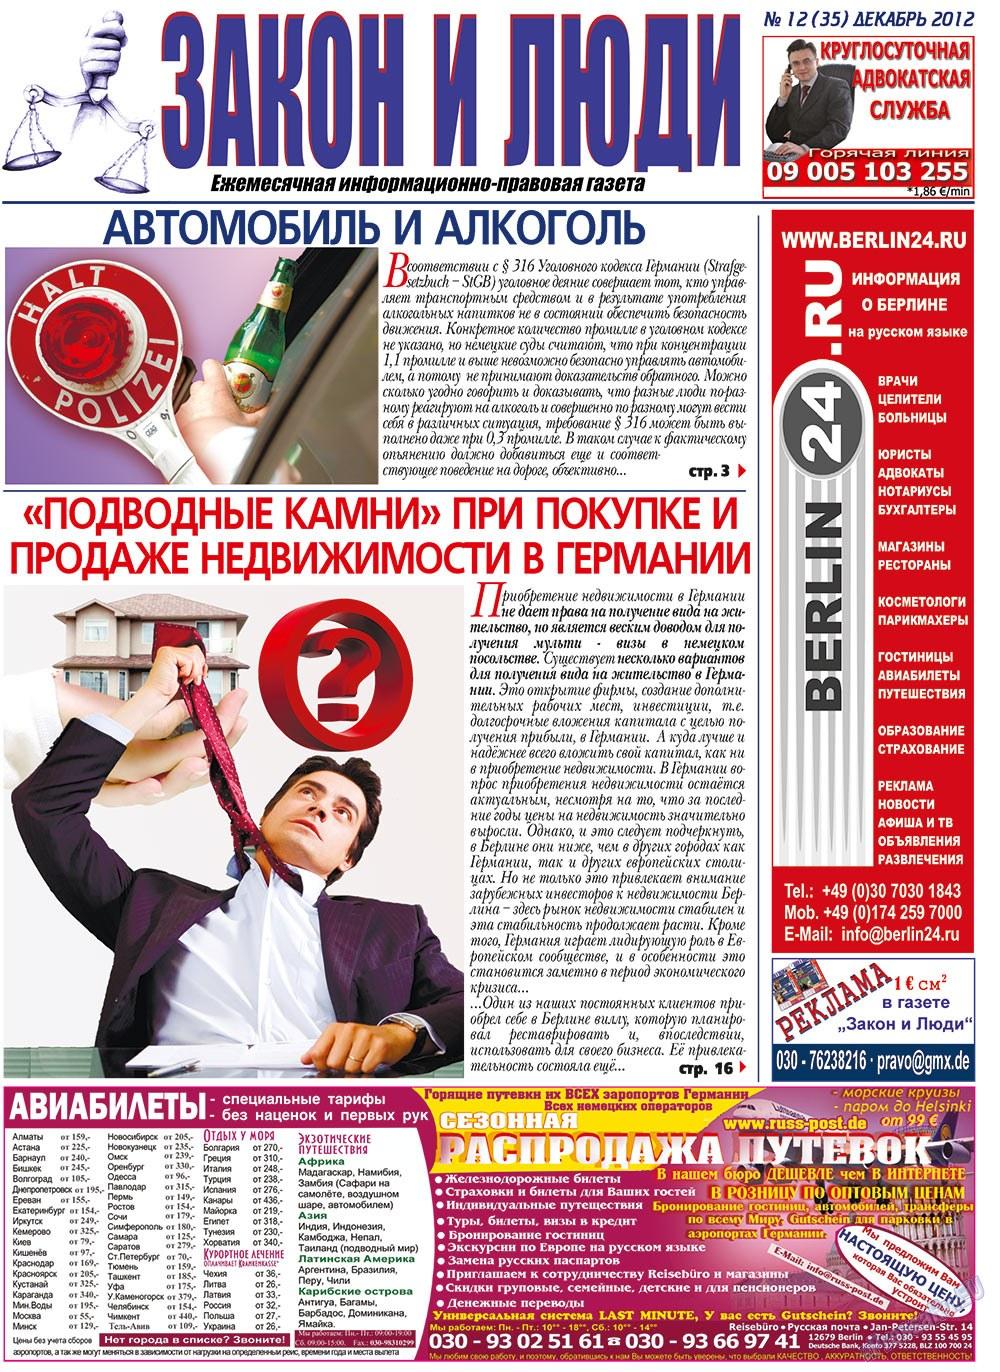 Закон и люди (газета). 2012 год, номер 12, стр. 1